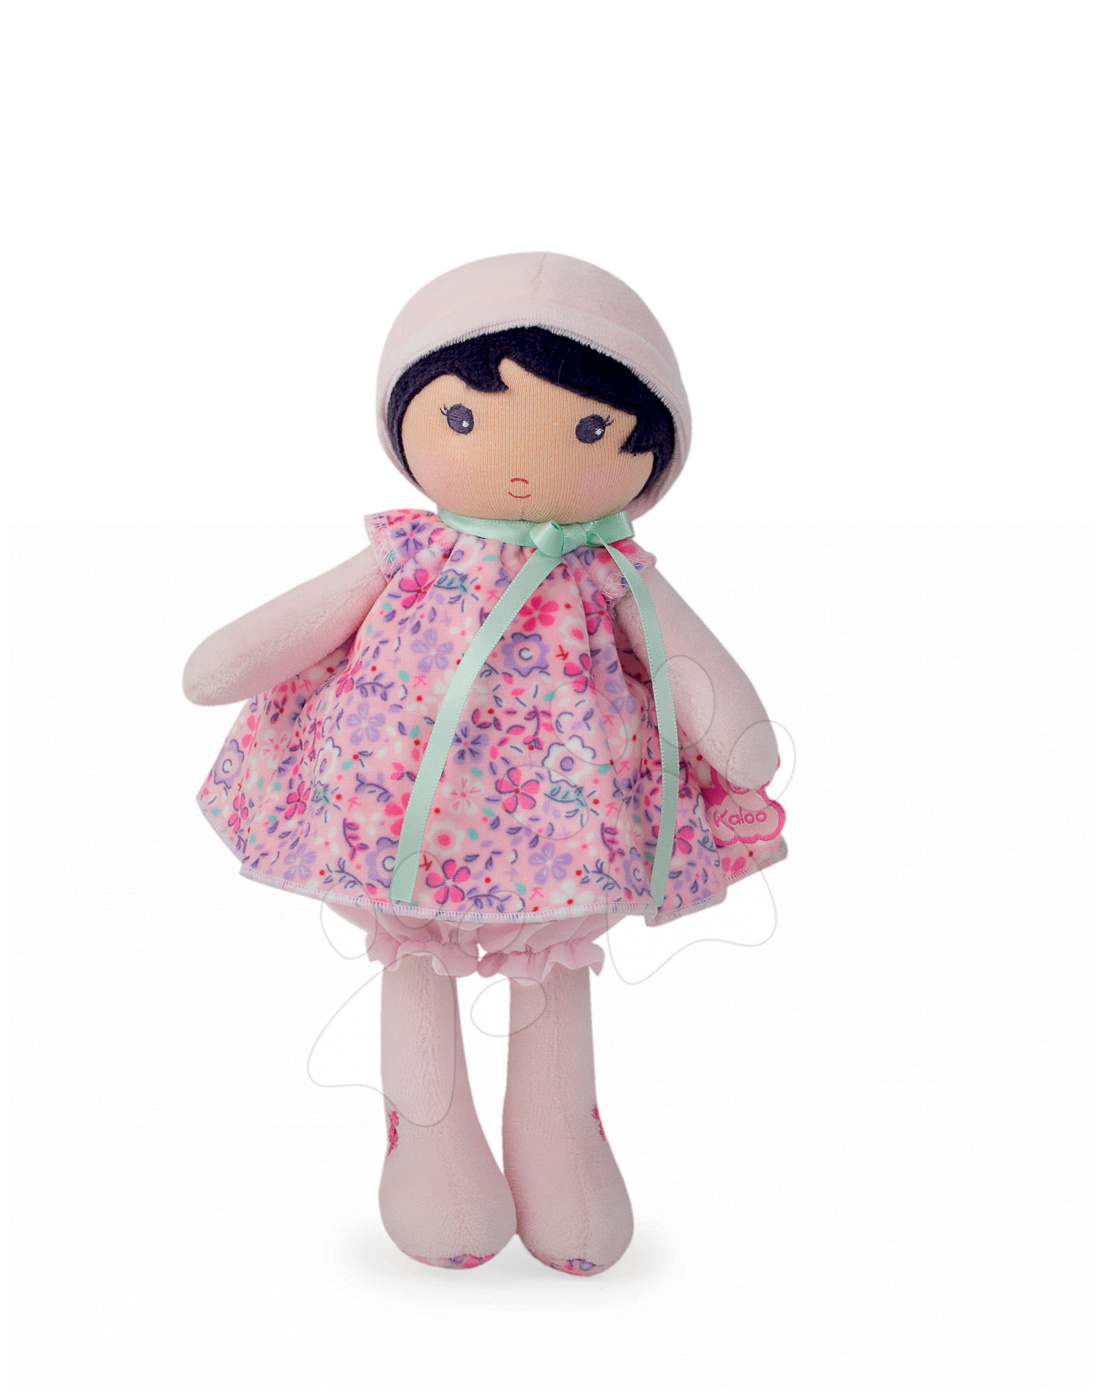 Bábika pre bábätká Fleur K Tendresse Kaloo v kvetinkových šatách z jemného textilu v darčekovom balení 25 cm